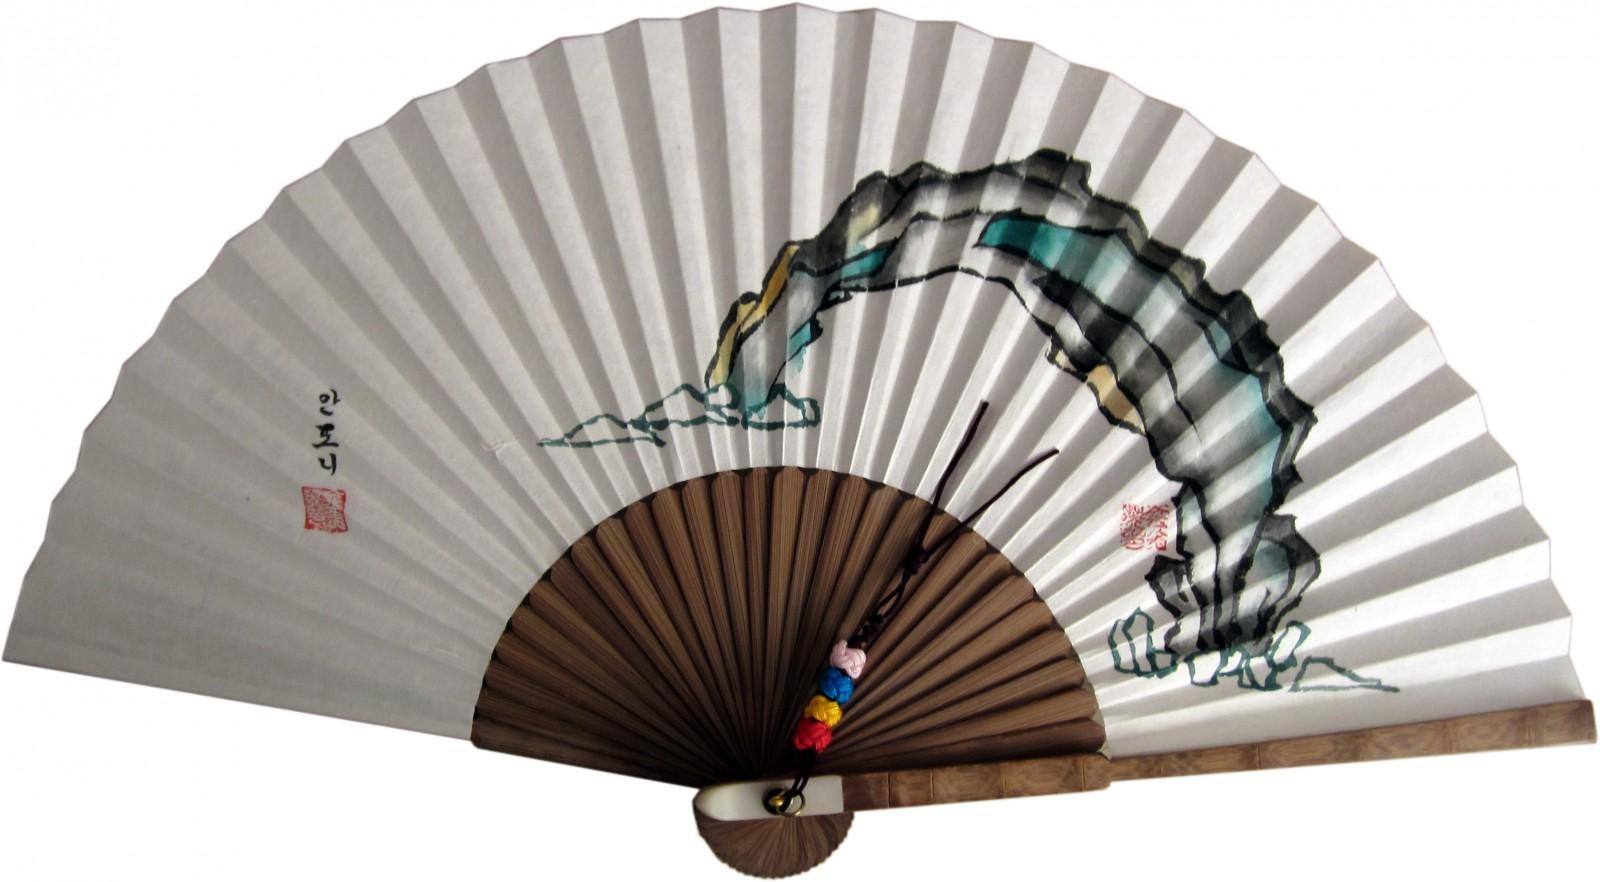 부채그림, 전통부채그림, Peinture sur l'eventail asiatique